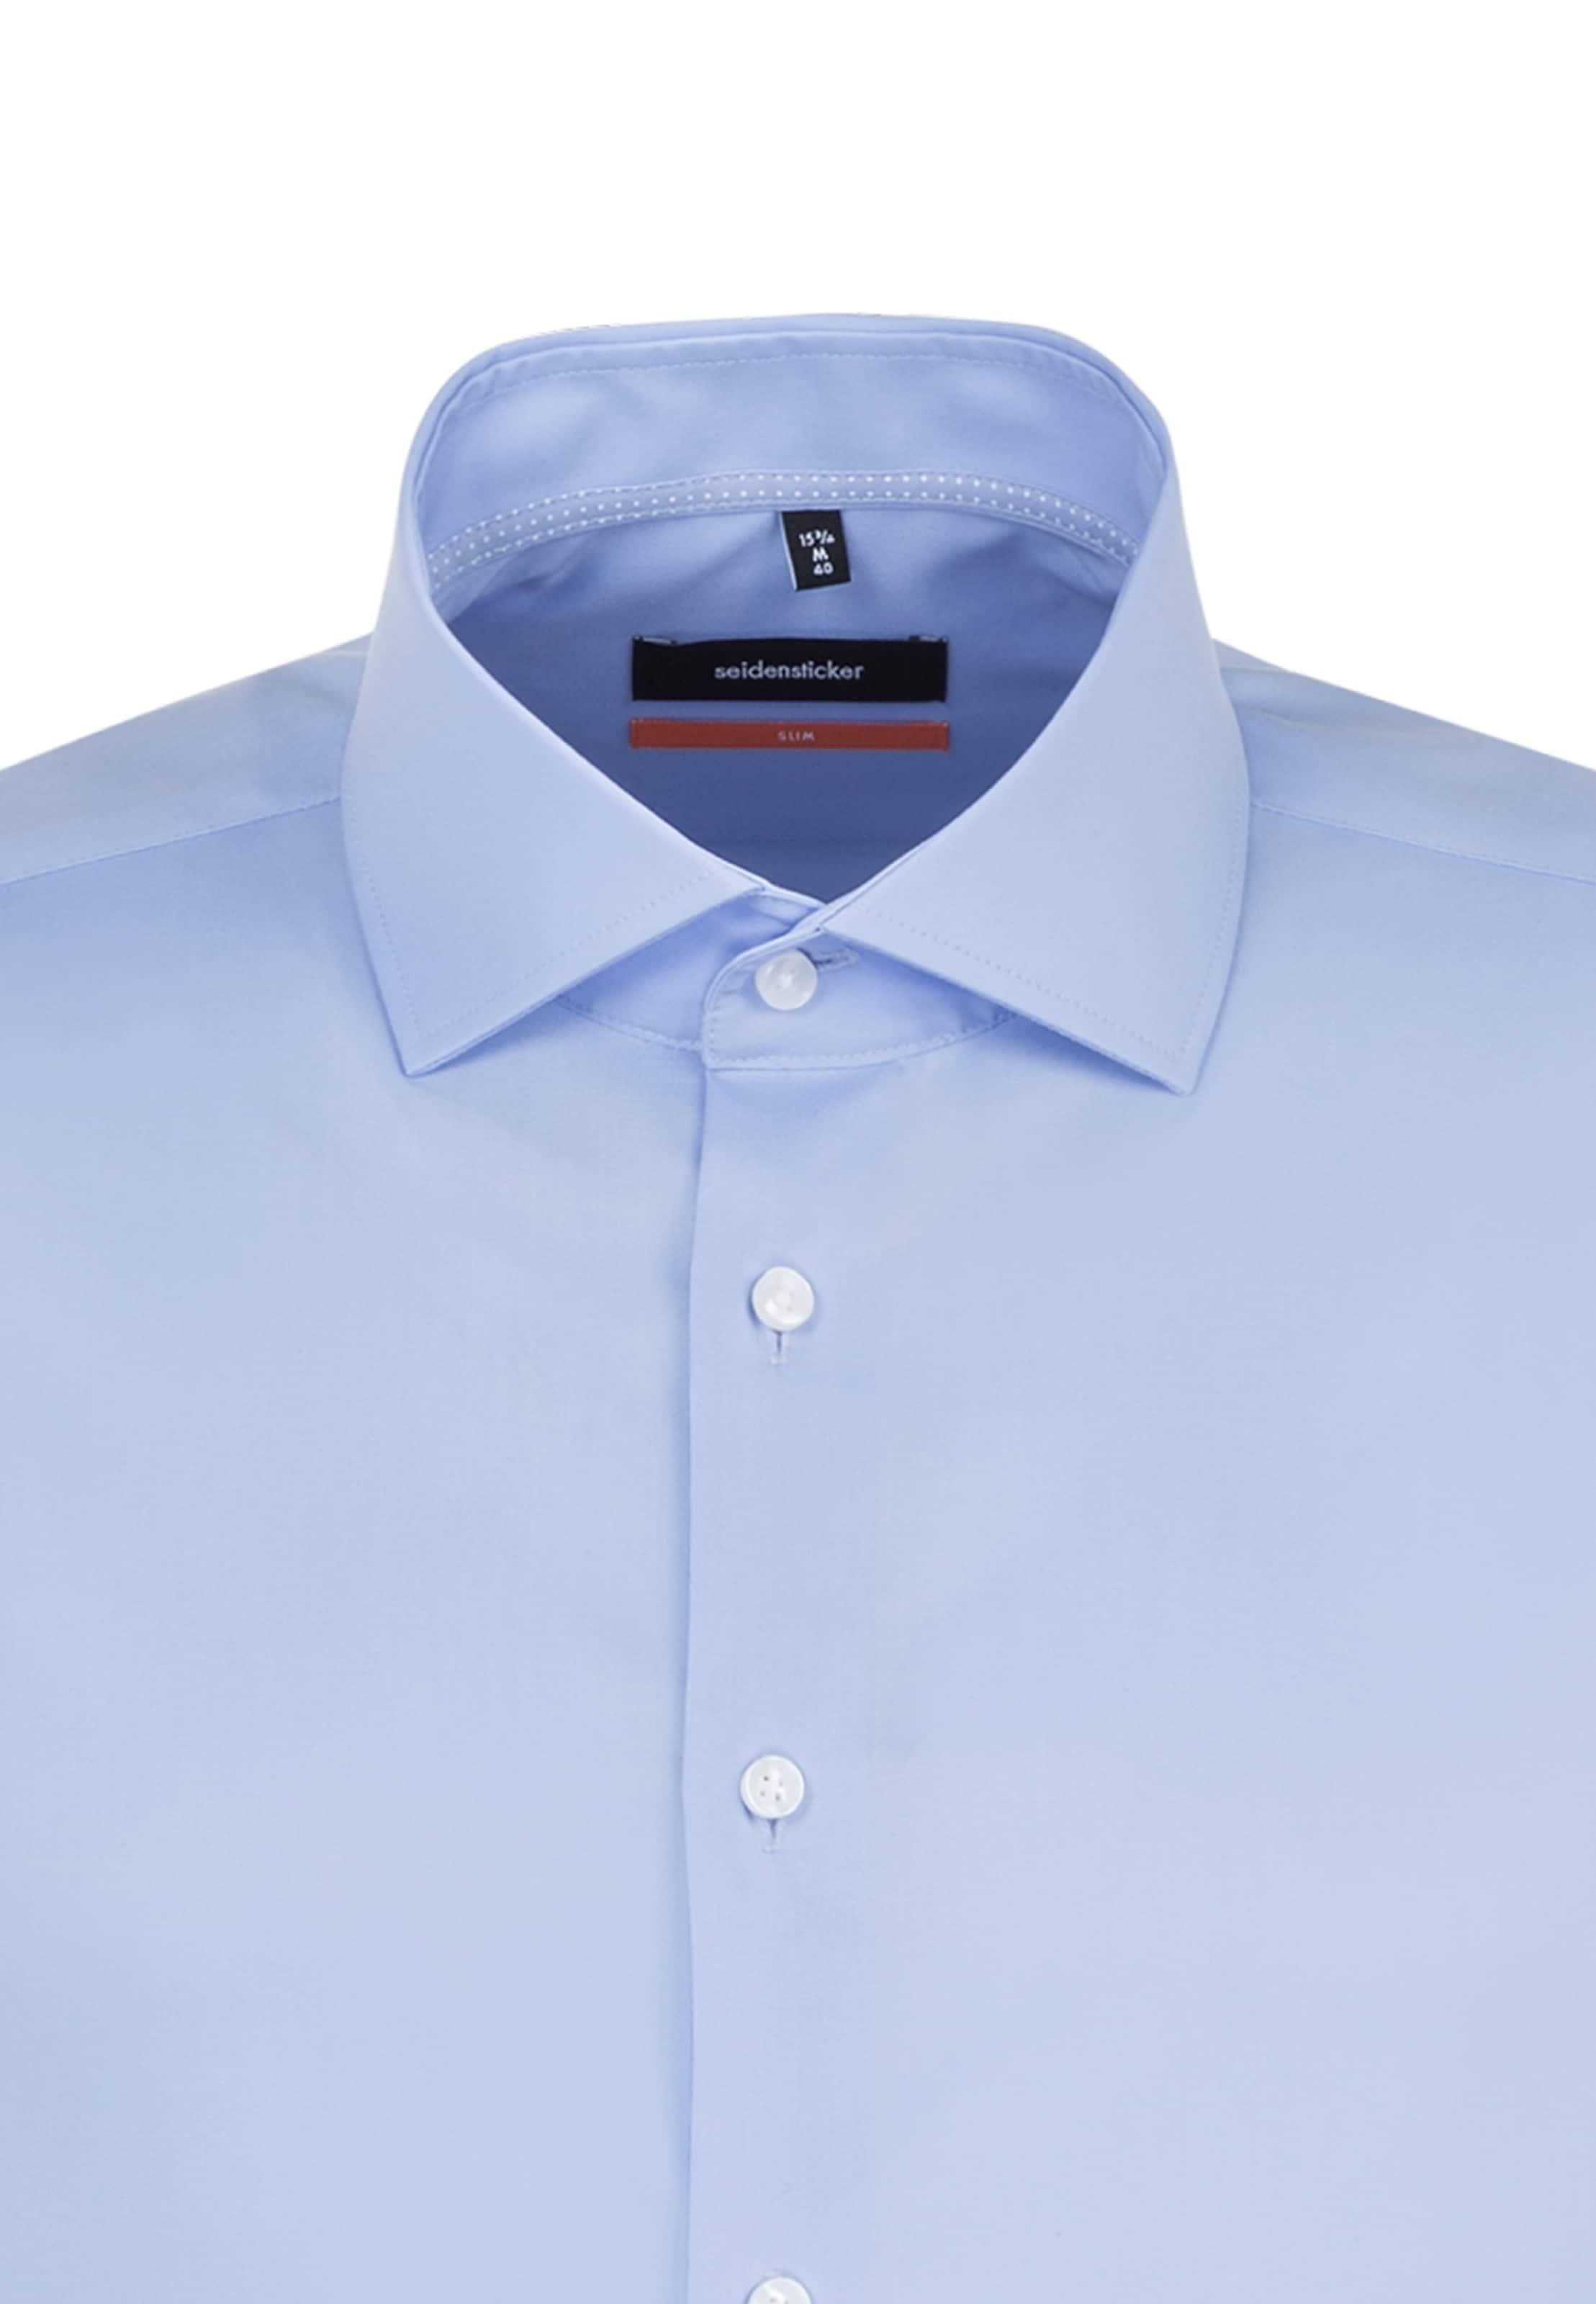 Hemd Hellblau In In Seidensticker Seidensticker Hemd DH9E2IbWeY